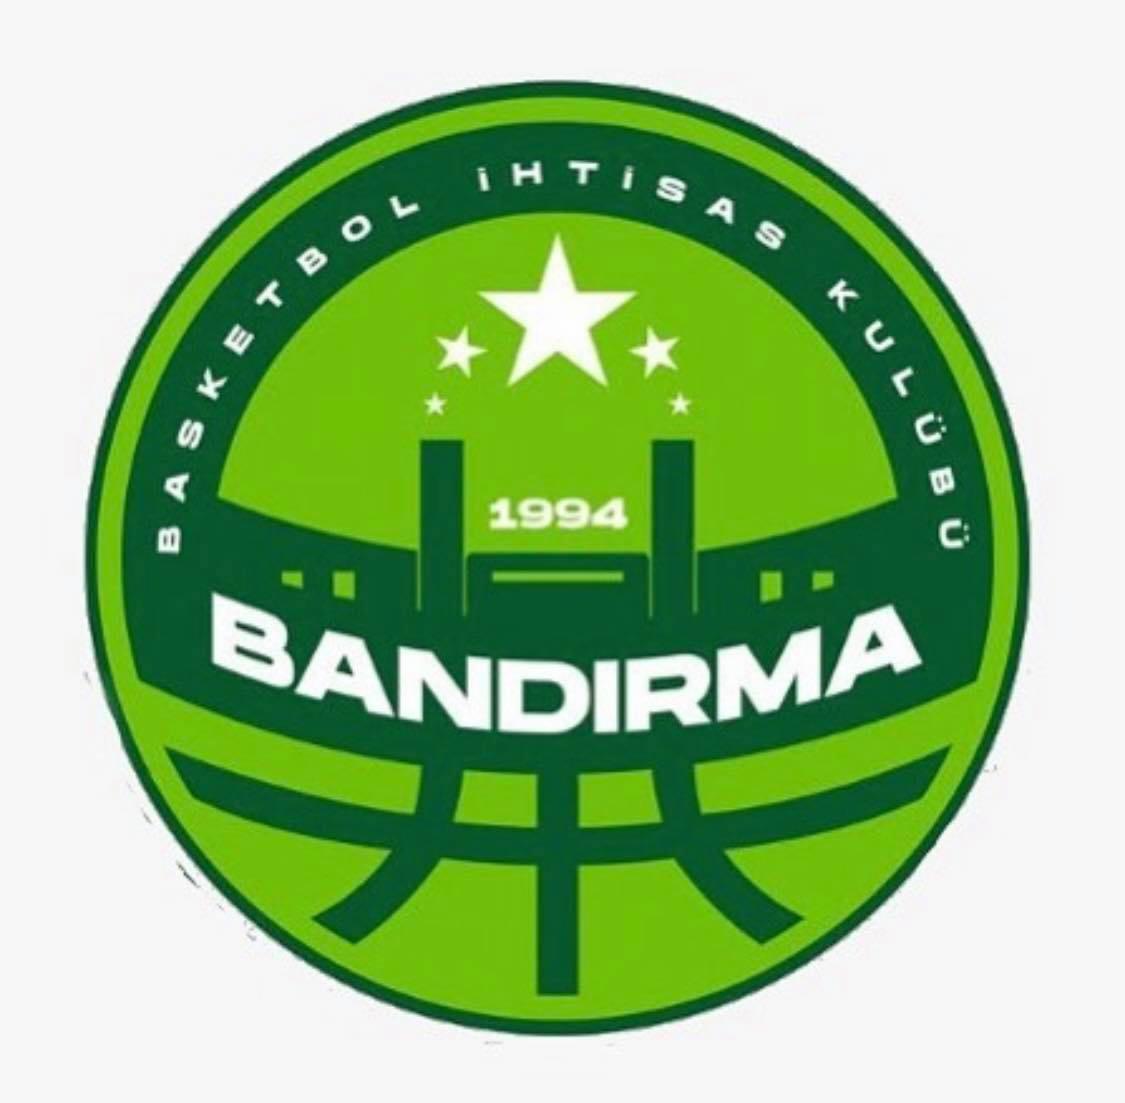 BANDIRMA İZMİR SK-B